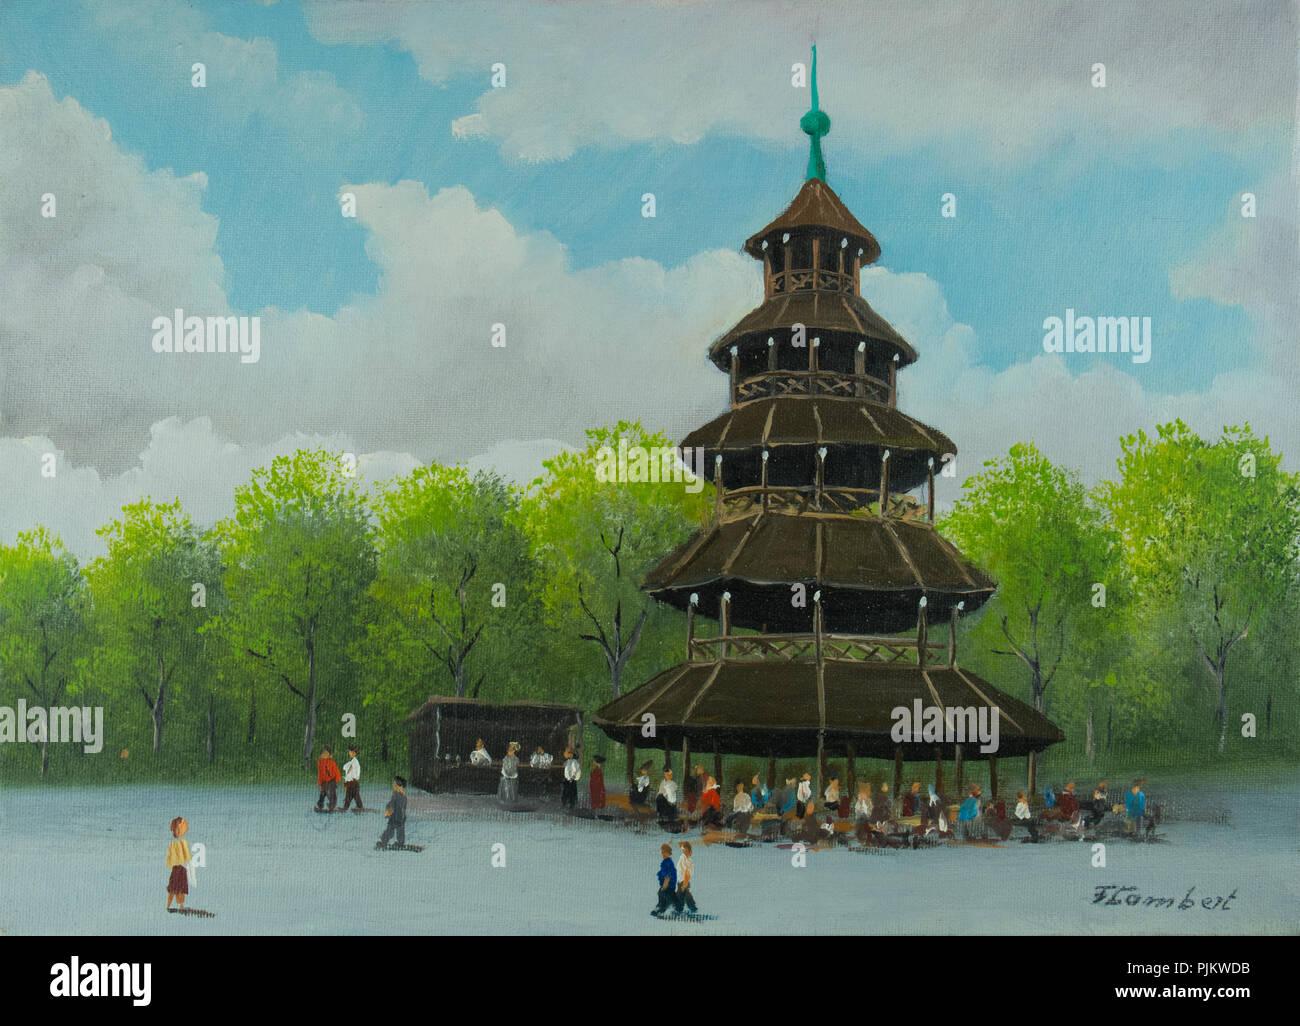 Peinture A L Huile La Tour Chinoise Avec Jardin A Biere Dans Le